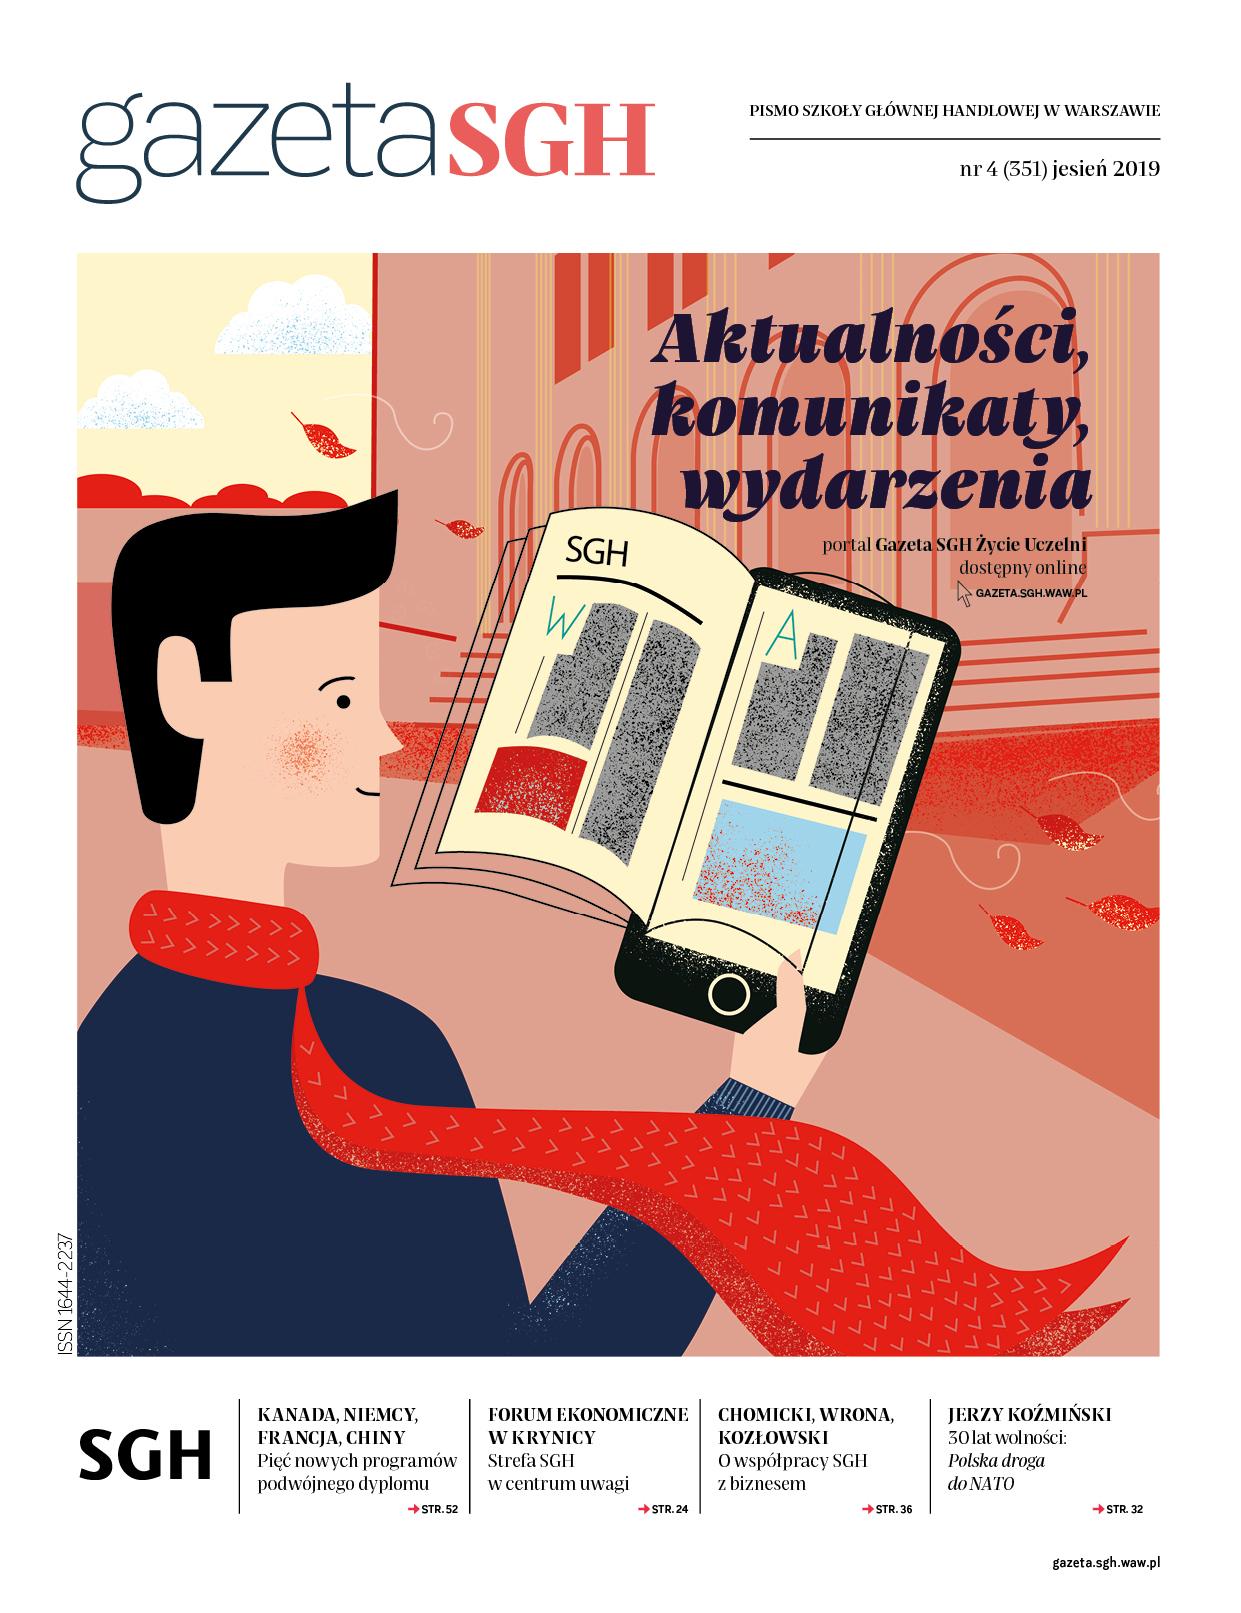 Okładka Gazeta SGH jesień 2019